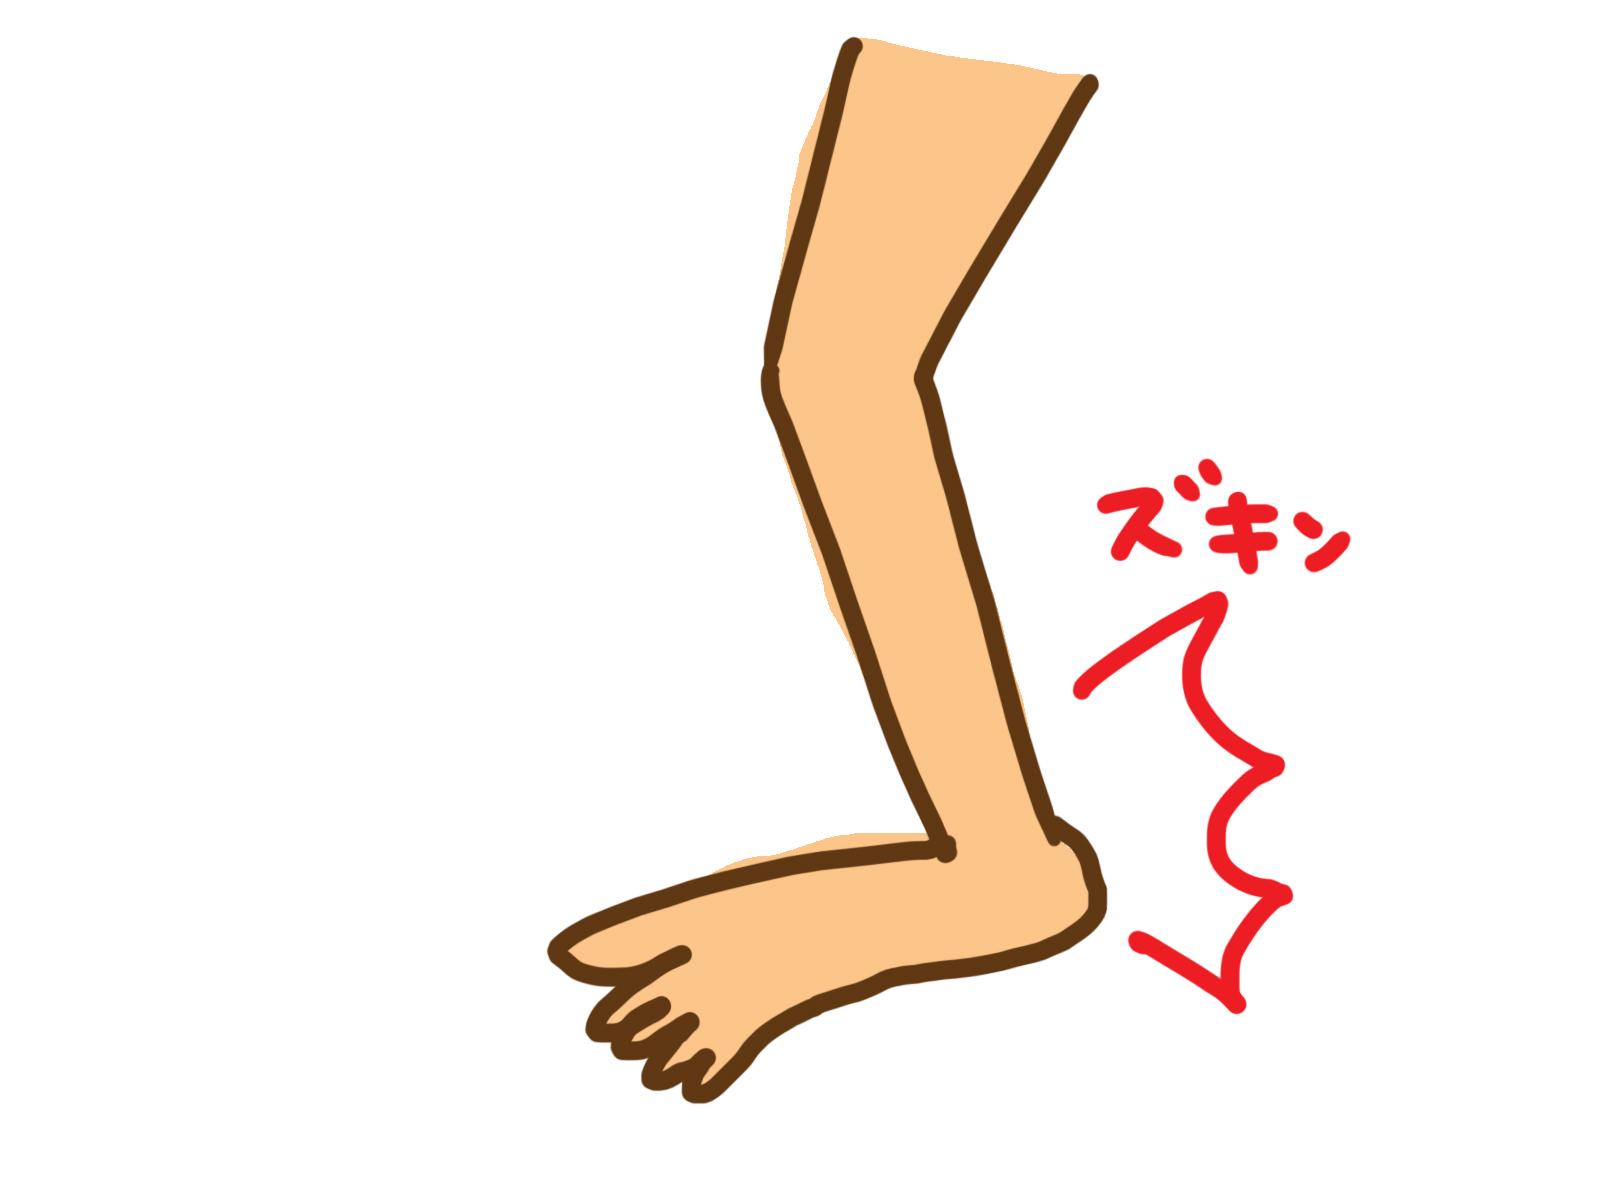 捻挫だと思った症状は痛風発作。長い間の勘違いで症状は悪化